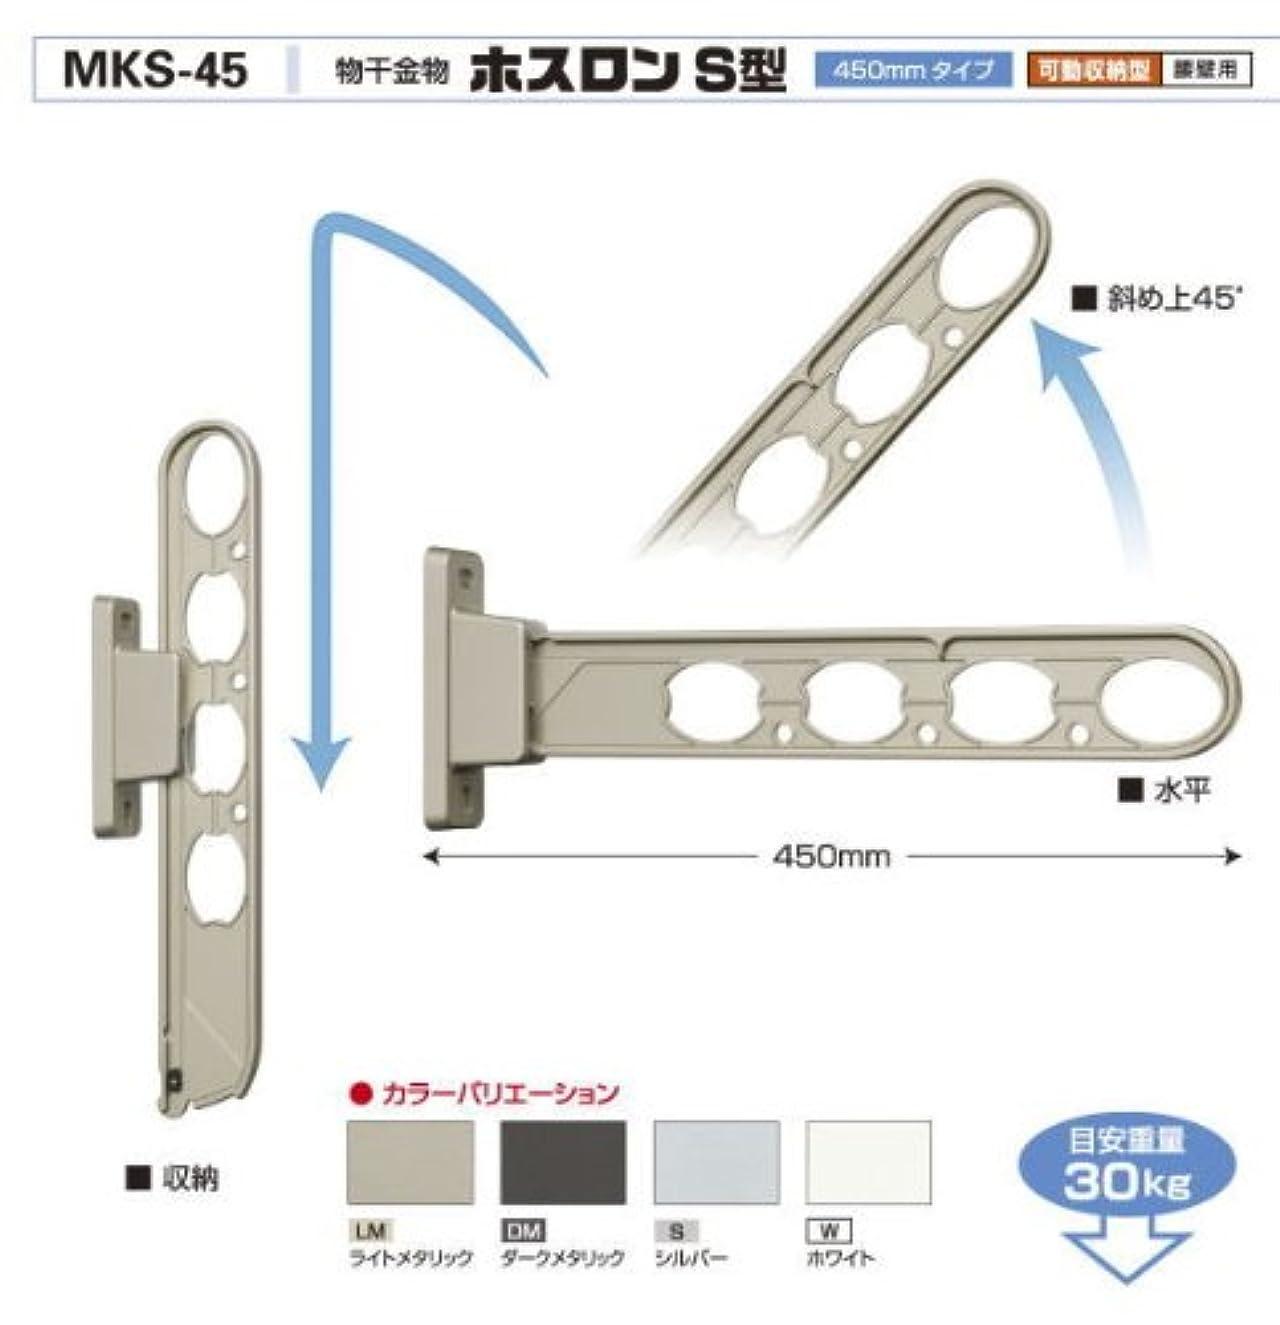 女将コーナー政令バクマ工業 物干金物 ホスロンS型 壁付物干し MKS-45 ホワイト(W) アーム長さ450mm 1セット2本いり カラー4色。目安重量30kg